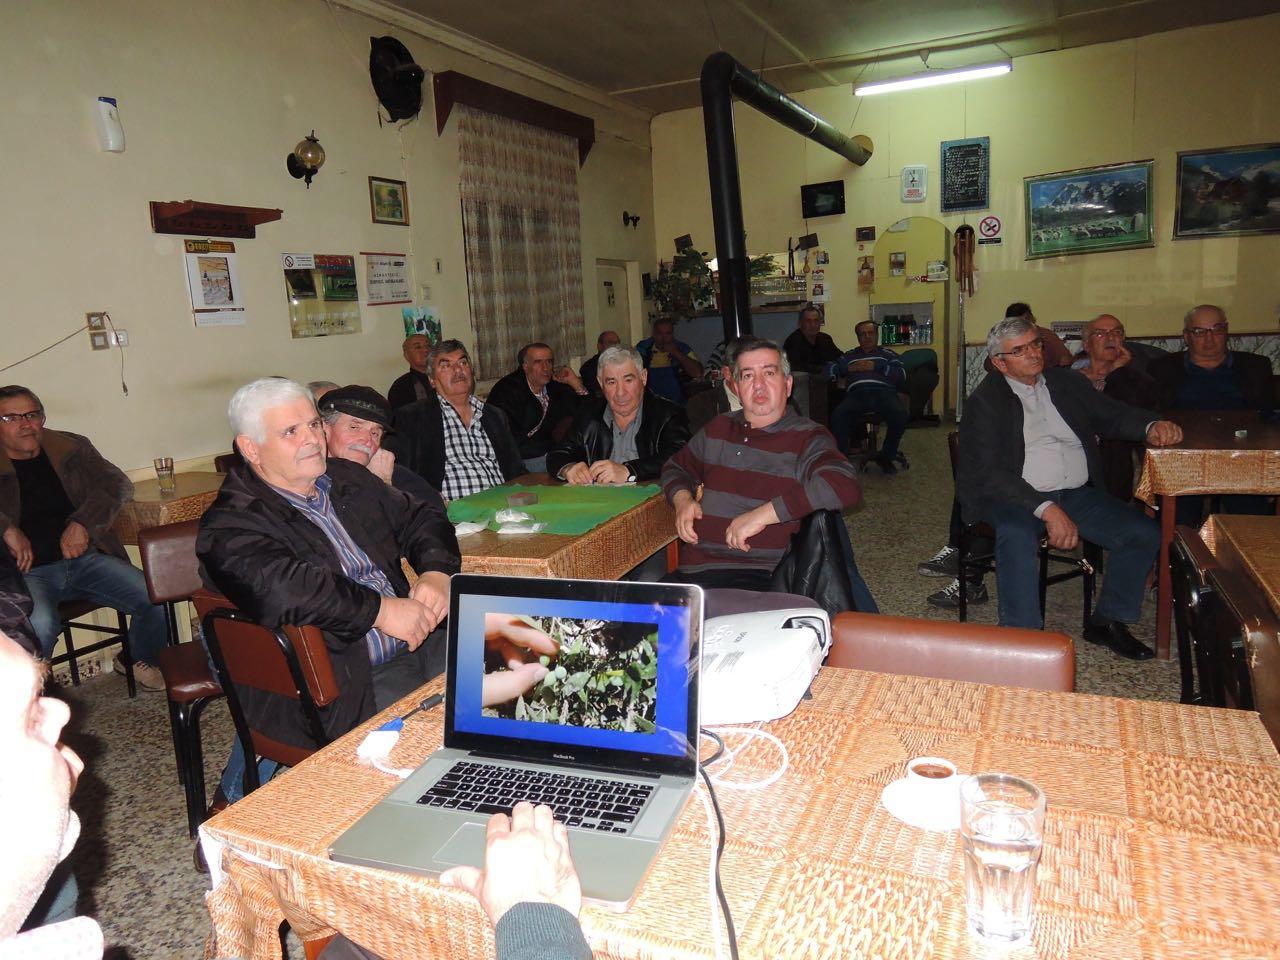 Φωτογραφίες από την ενημέρωση με θέμα: «Ο ζεόλιθος αλλάζει τη ζωή του αγρότη και του κτηνοτρόφου» στον Άρζο Νέας Ορεστιάδας